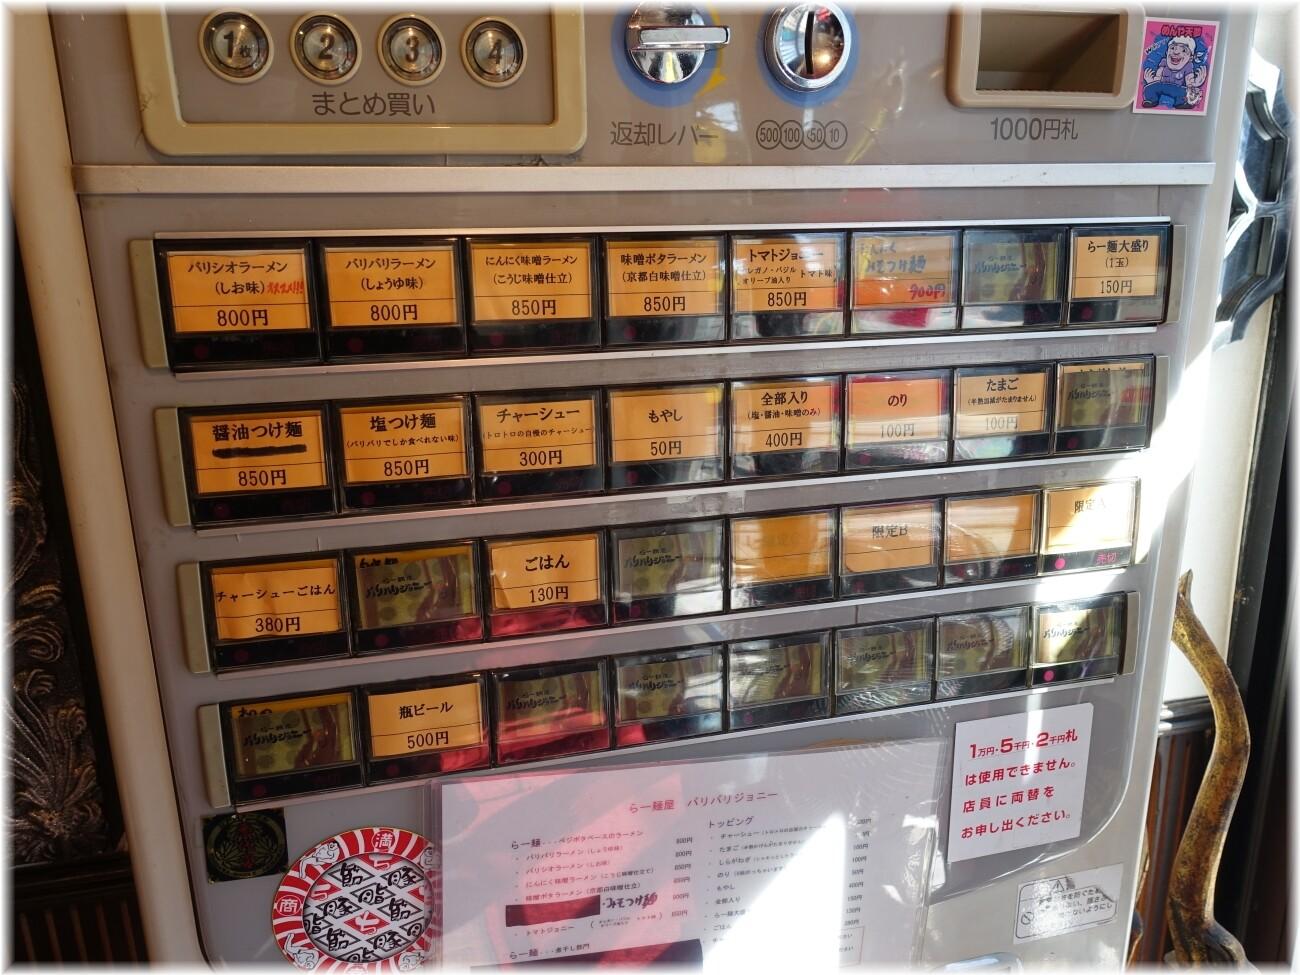 バリバリジョニー 食券機